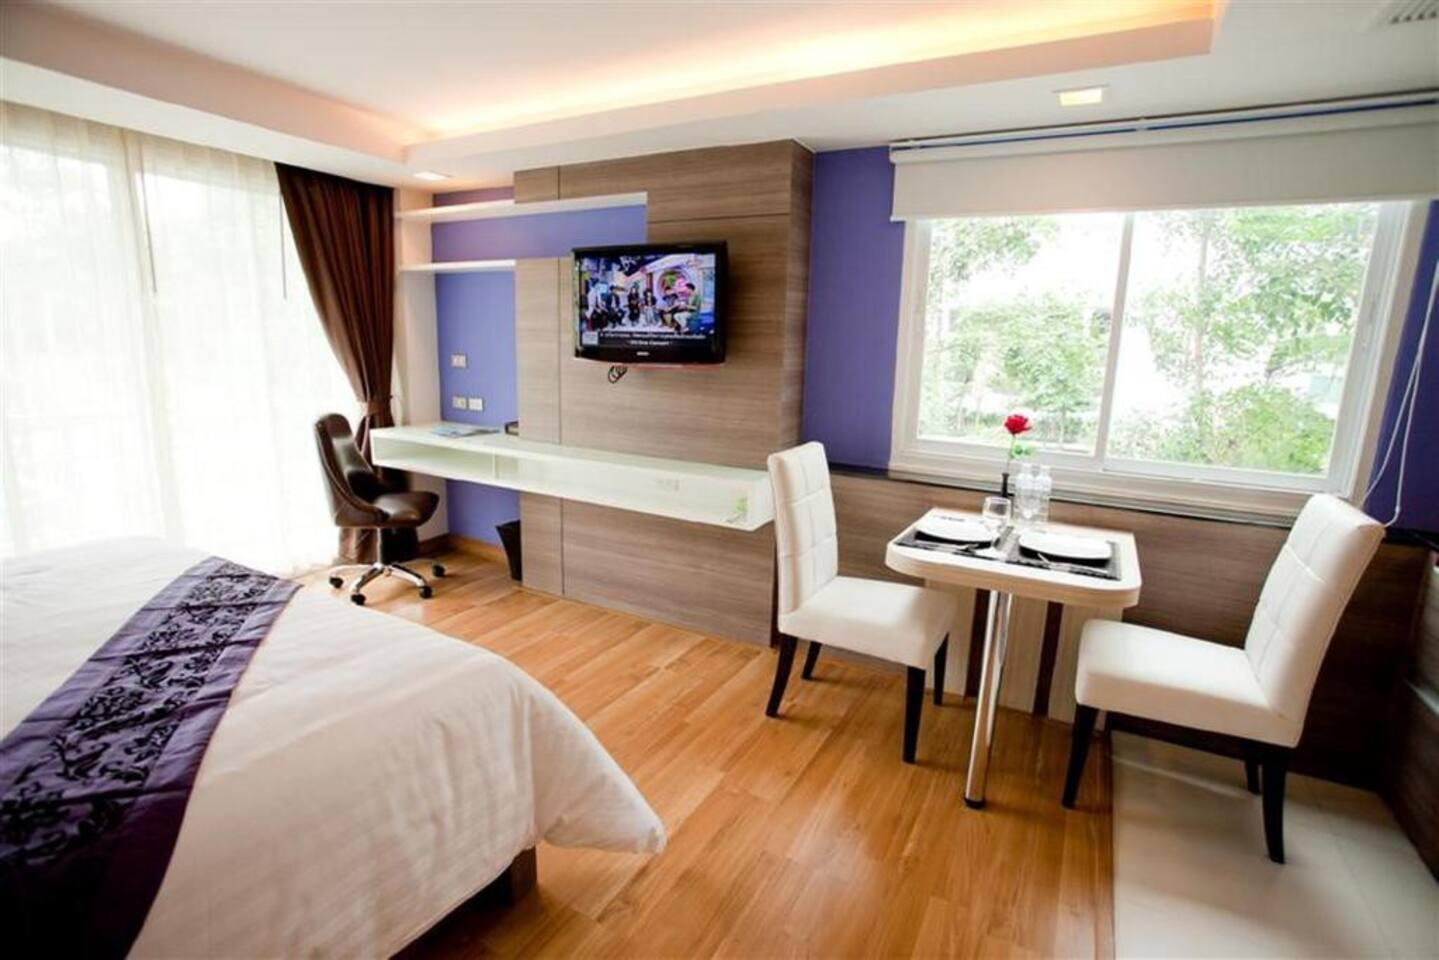 Studio apartment near Asoke BTS Skytrain สตูดิโอ อพาร์ตเมนต์ 1 ห้องน้ำส่วนตัว ขนาด 35 ตร.ม. – สุขุมวิท